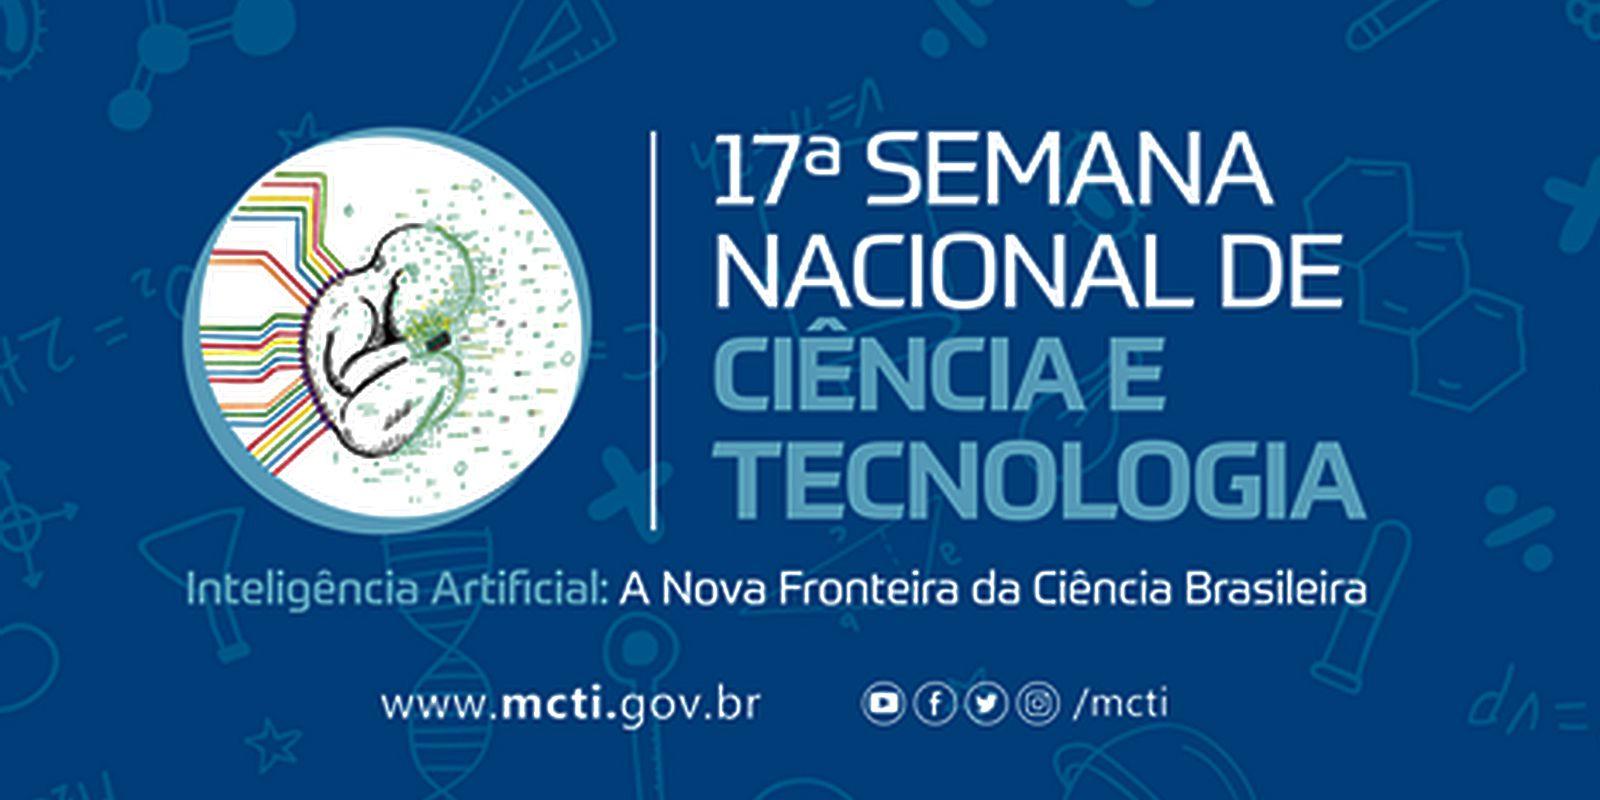 Inteligência Artificial, a nova fronteira da ciência brasileira